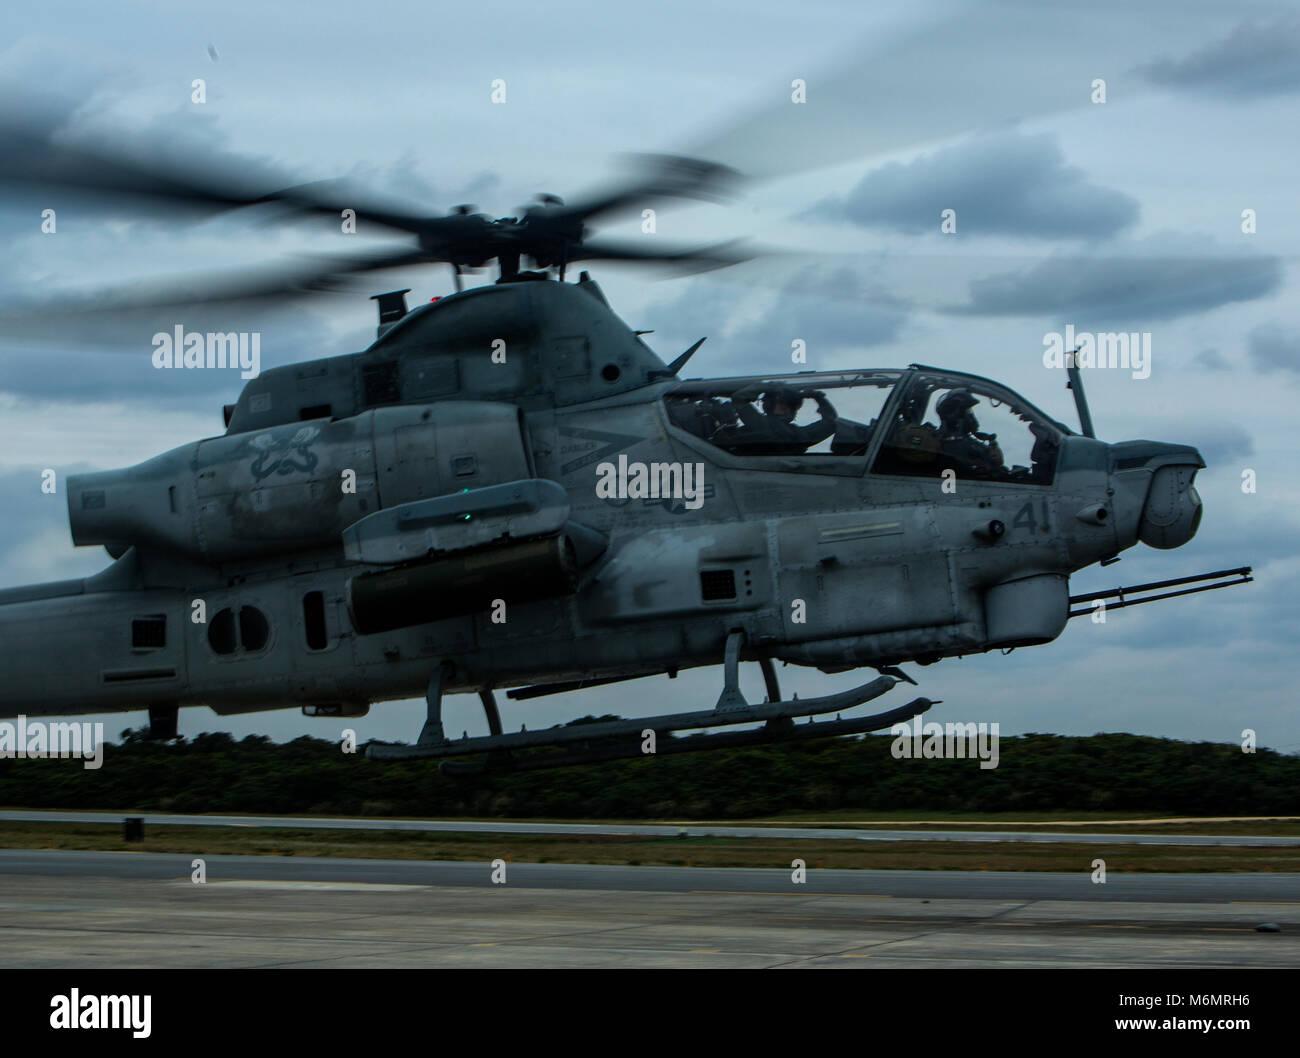 Kapitän Justin S. Morrison und Kapitän Kyle T. Myer startet in eine AH-1Z Viper beim Tragen der Gemeinsamen Stockbild